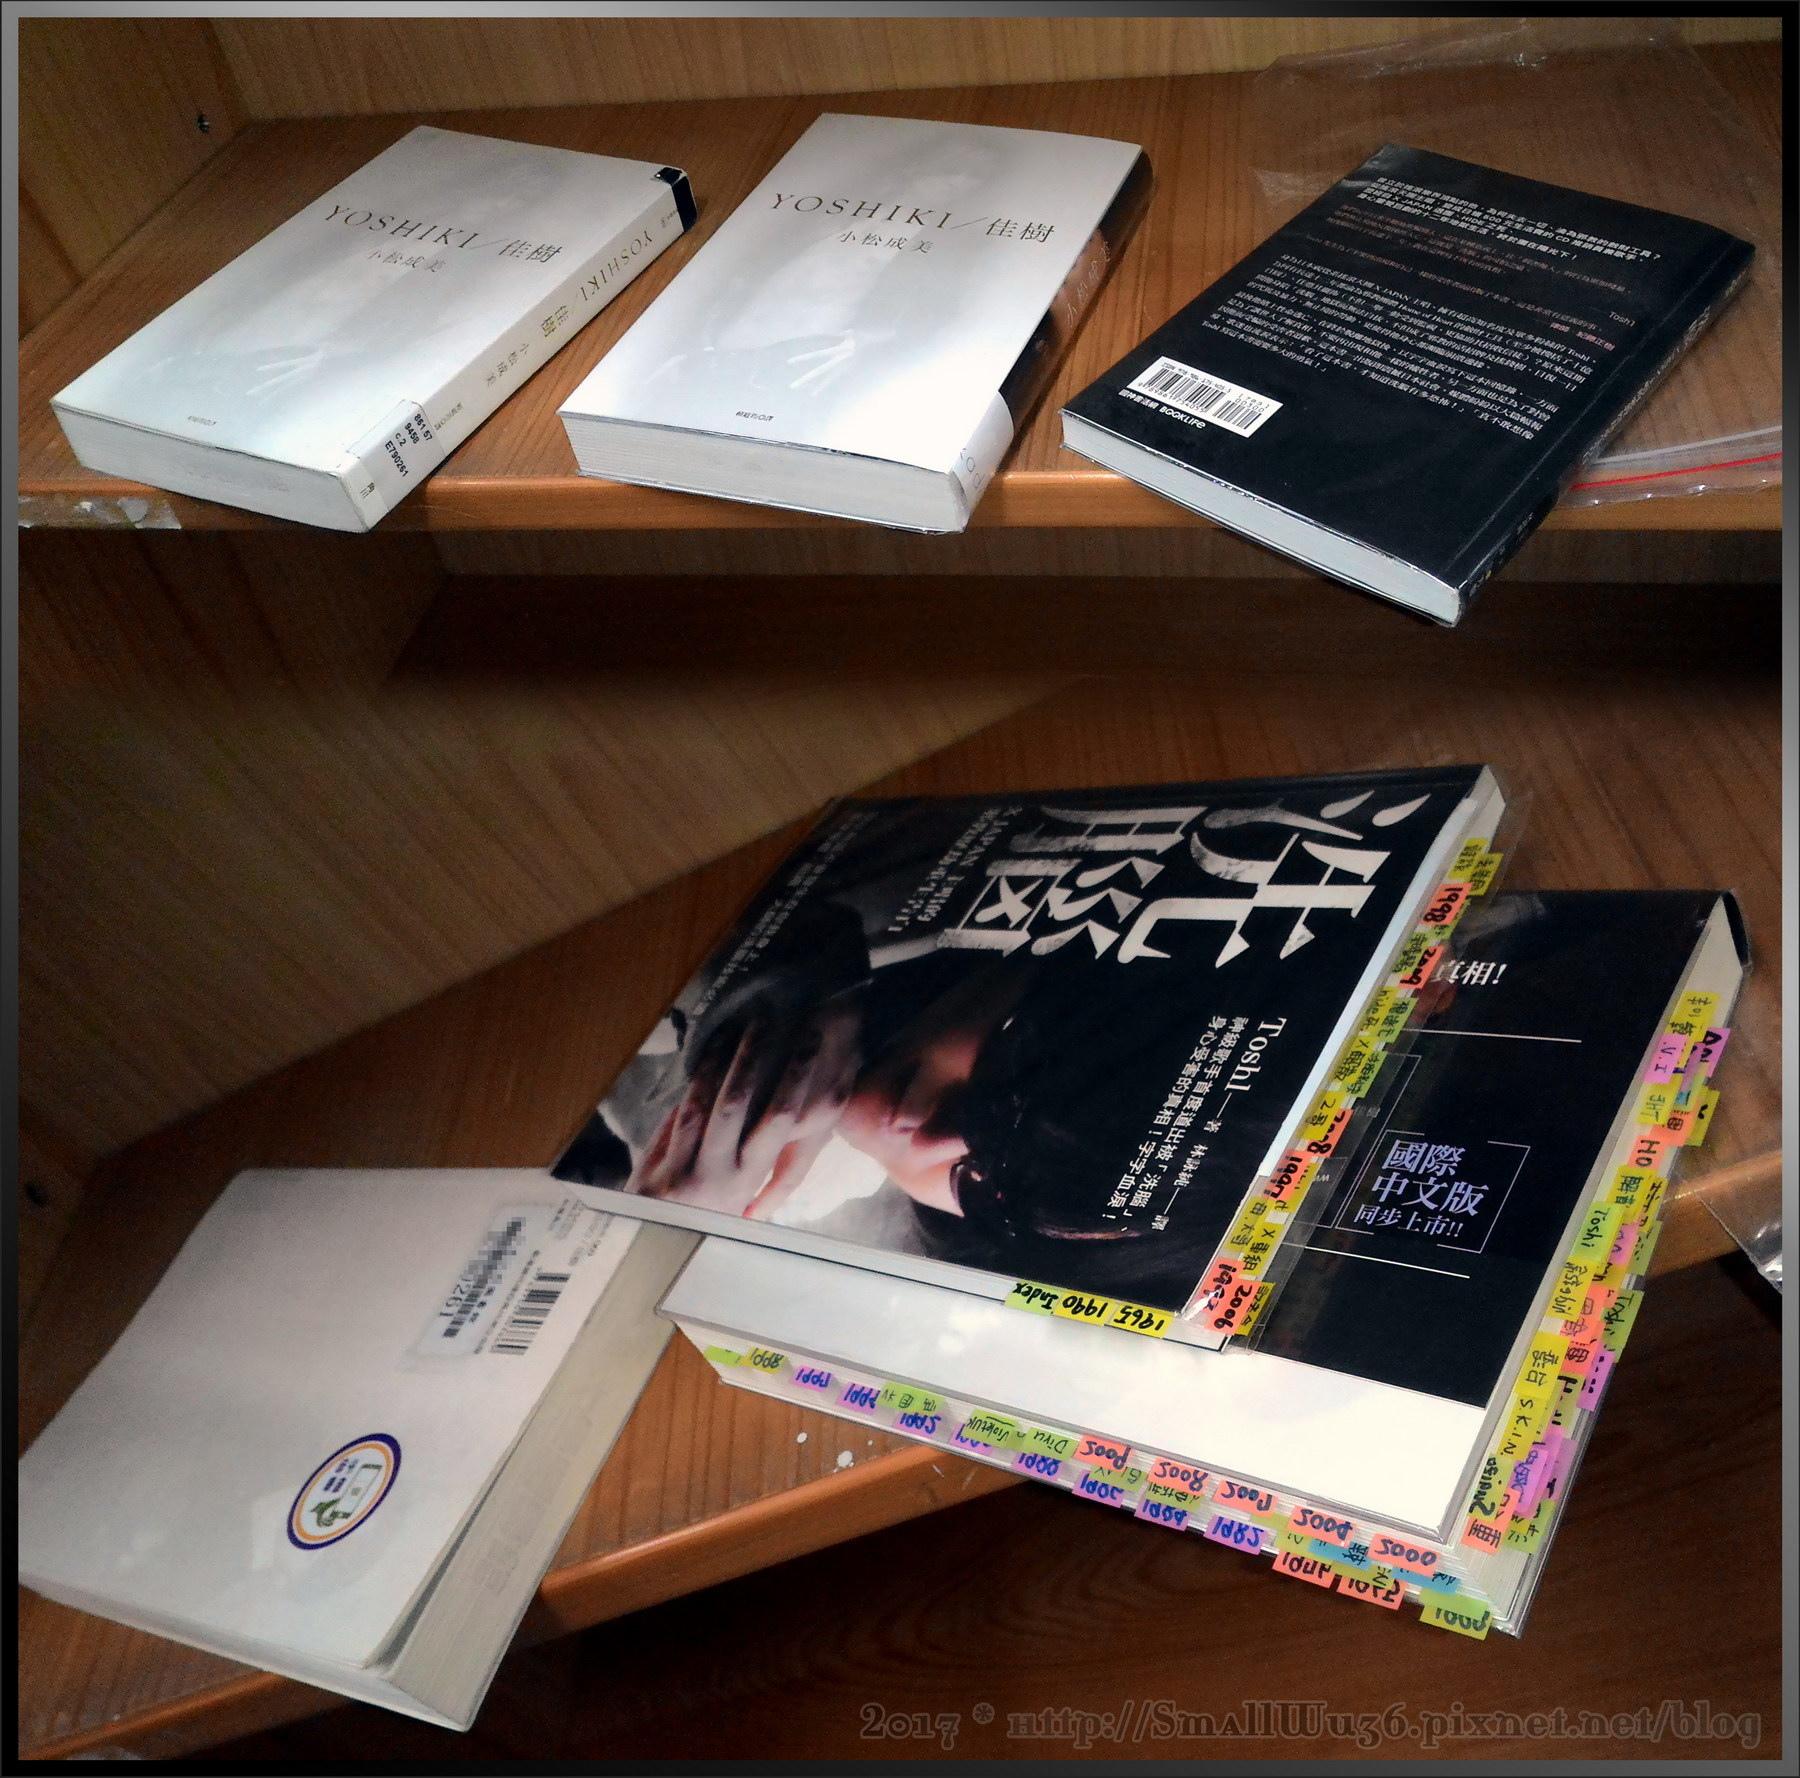 Yo 大自傳《YOSHIKI 佳樹》和偷洗自傳《洗腦:X JAPAN 主唱的邪教歷劫重生告白》.jpg